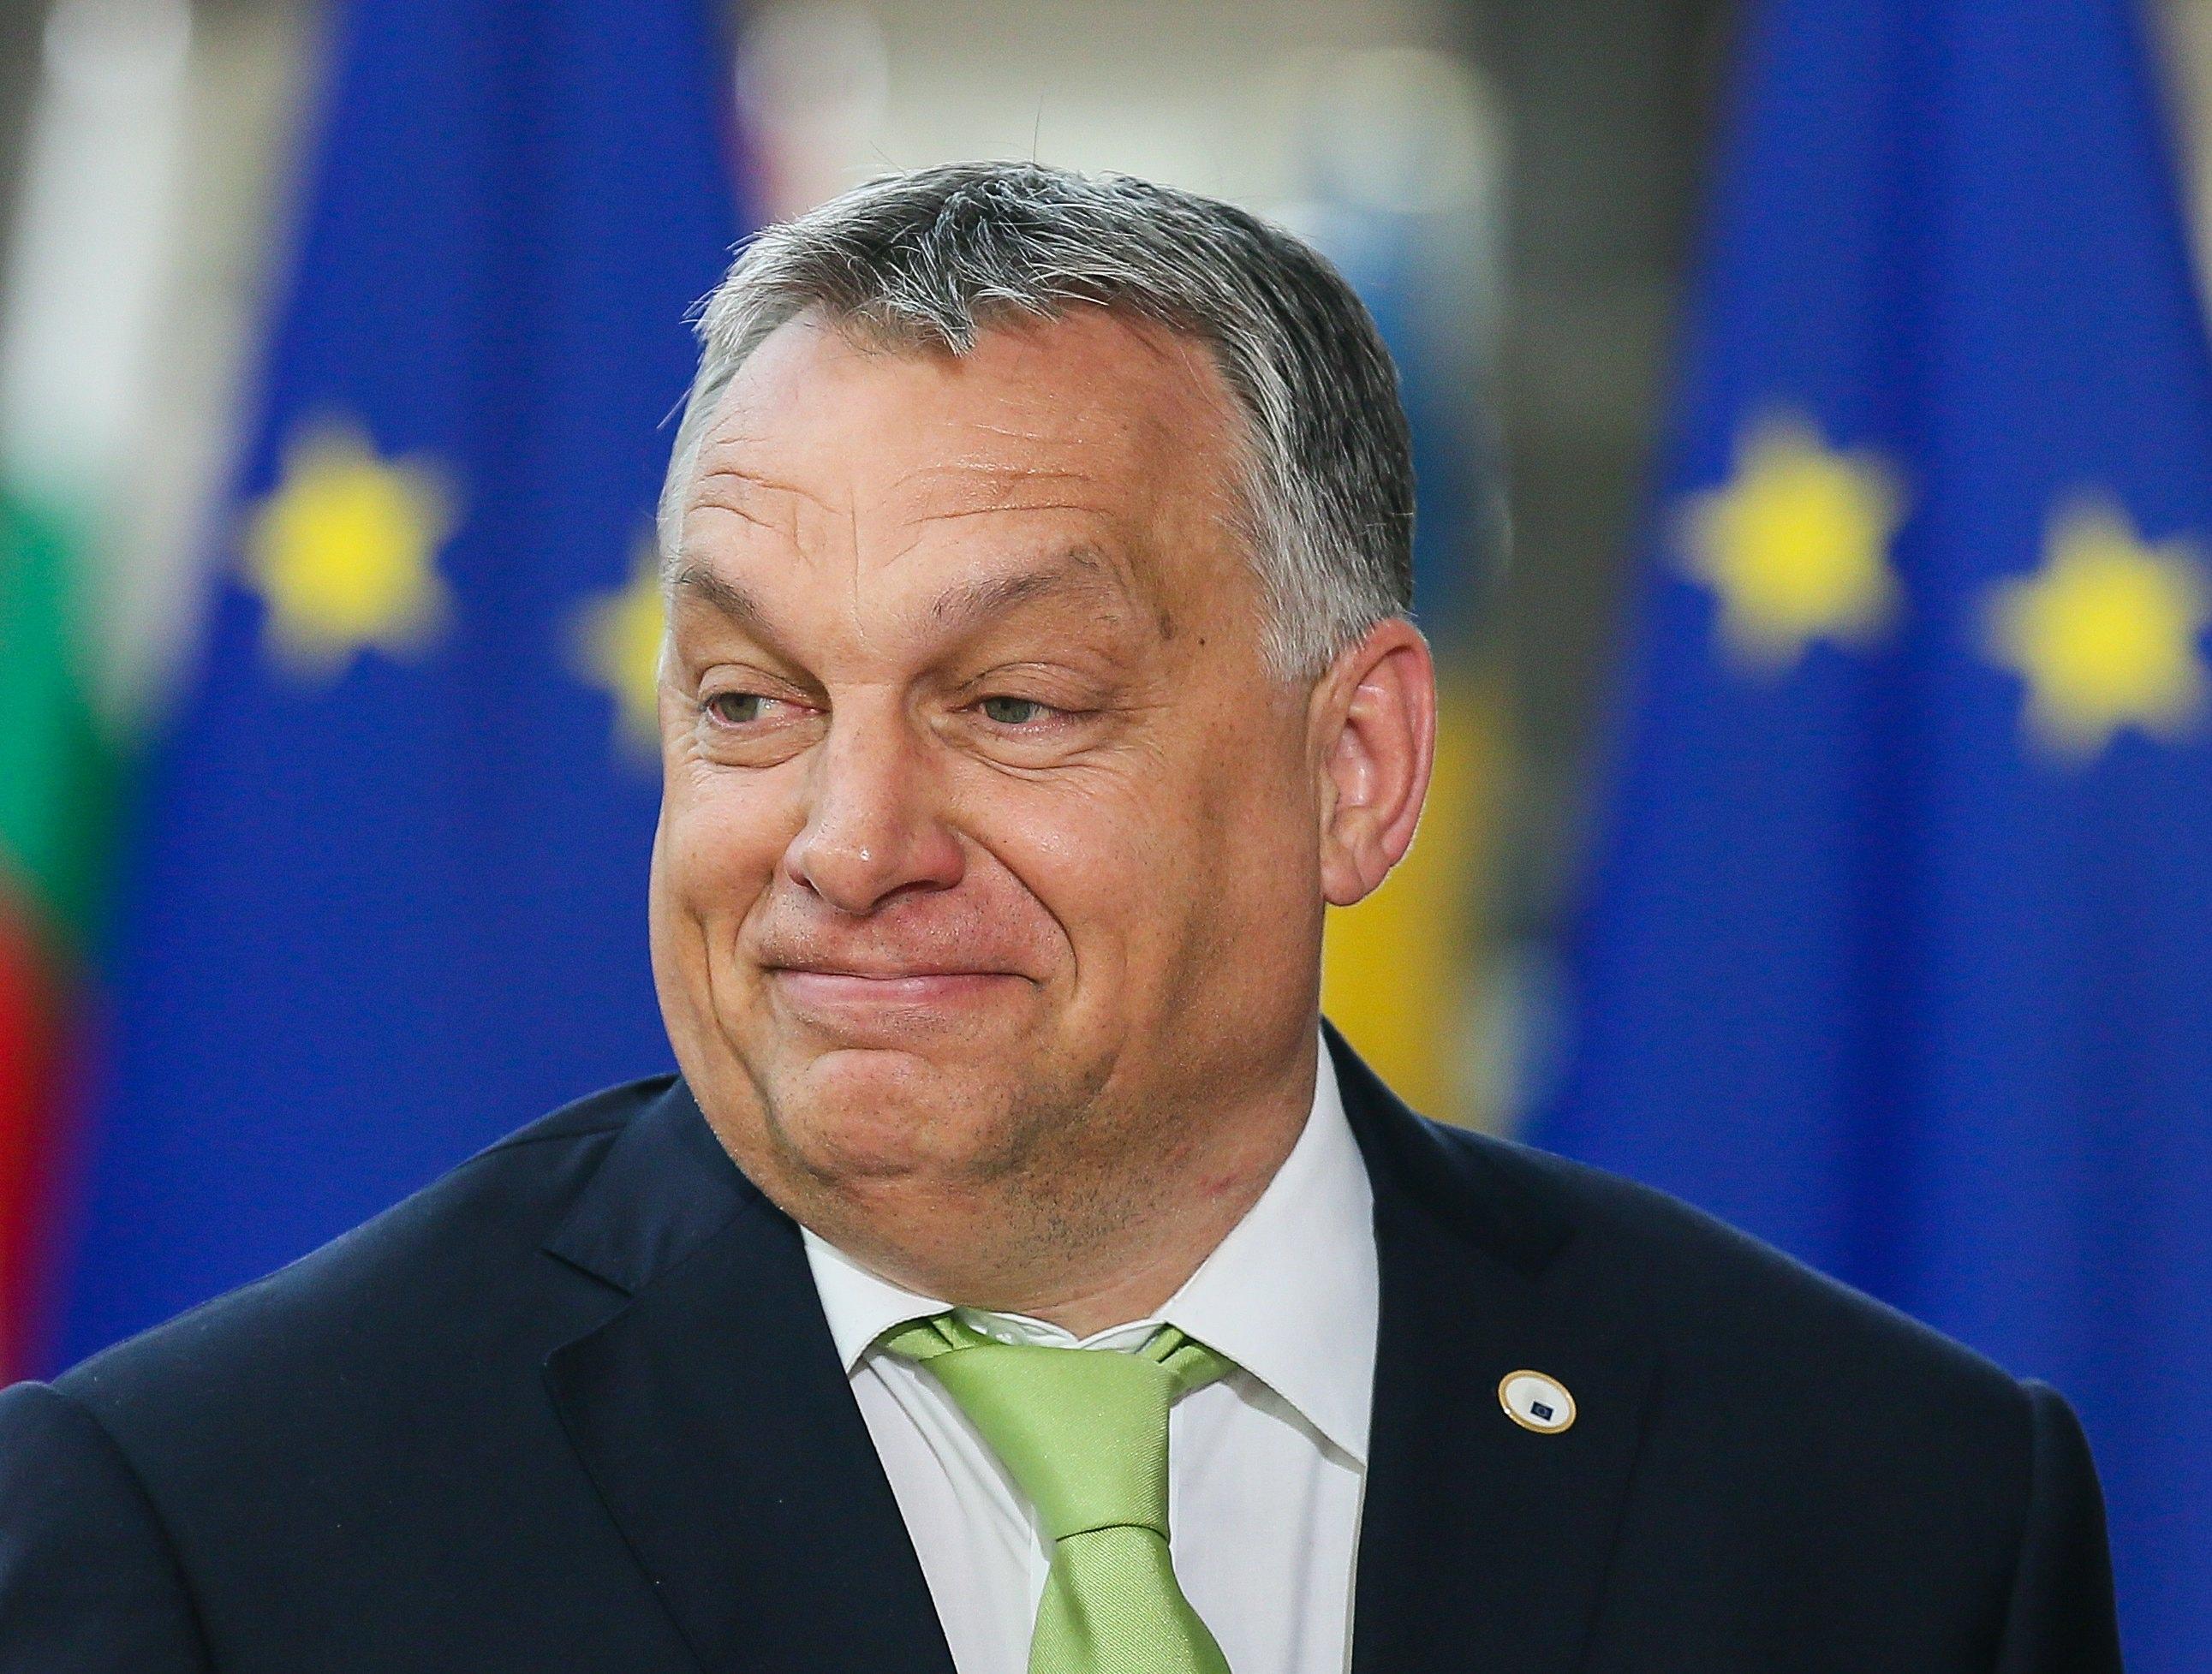 elsevierweekblad.nl - Tom Reijner - Orbán : 'Integratie moslims is in geen enkel land gelukt'